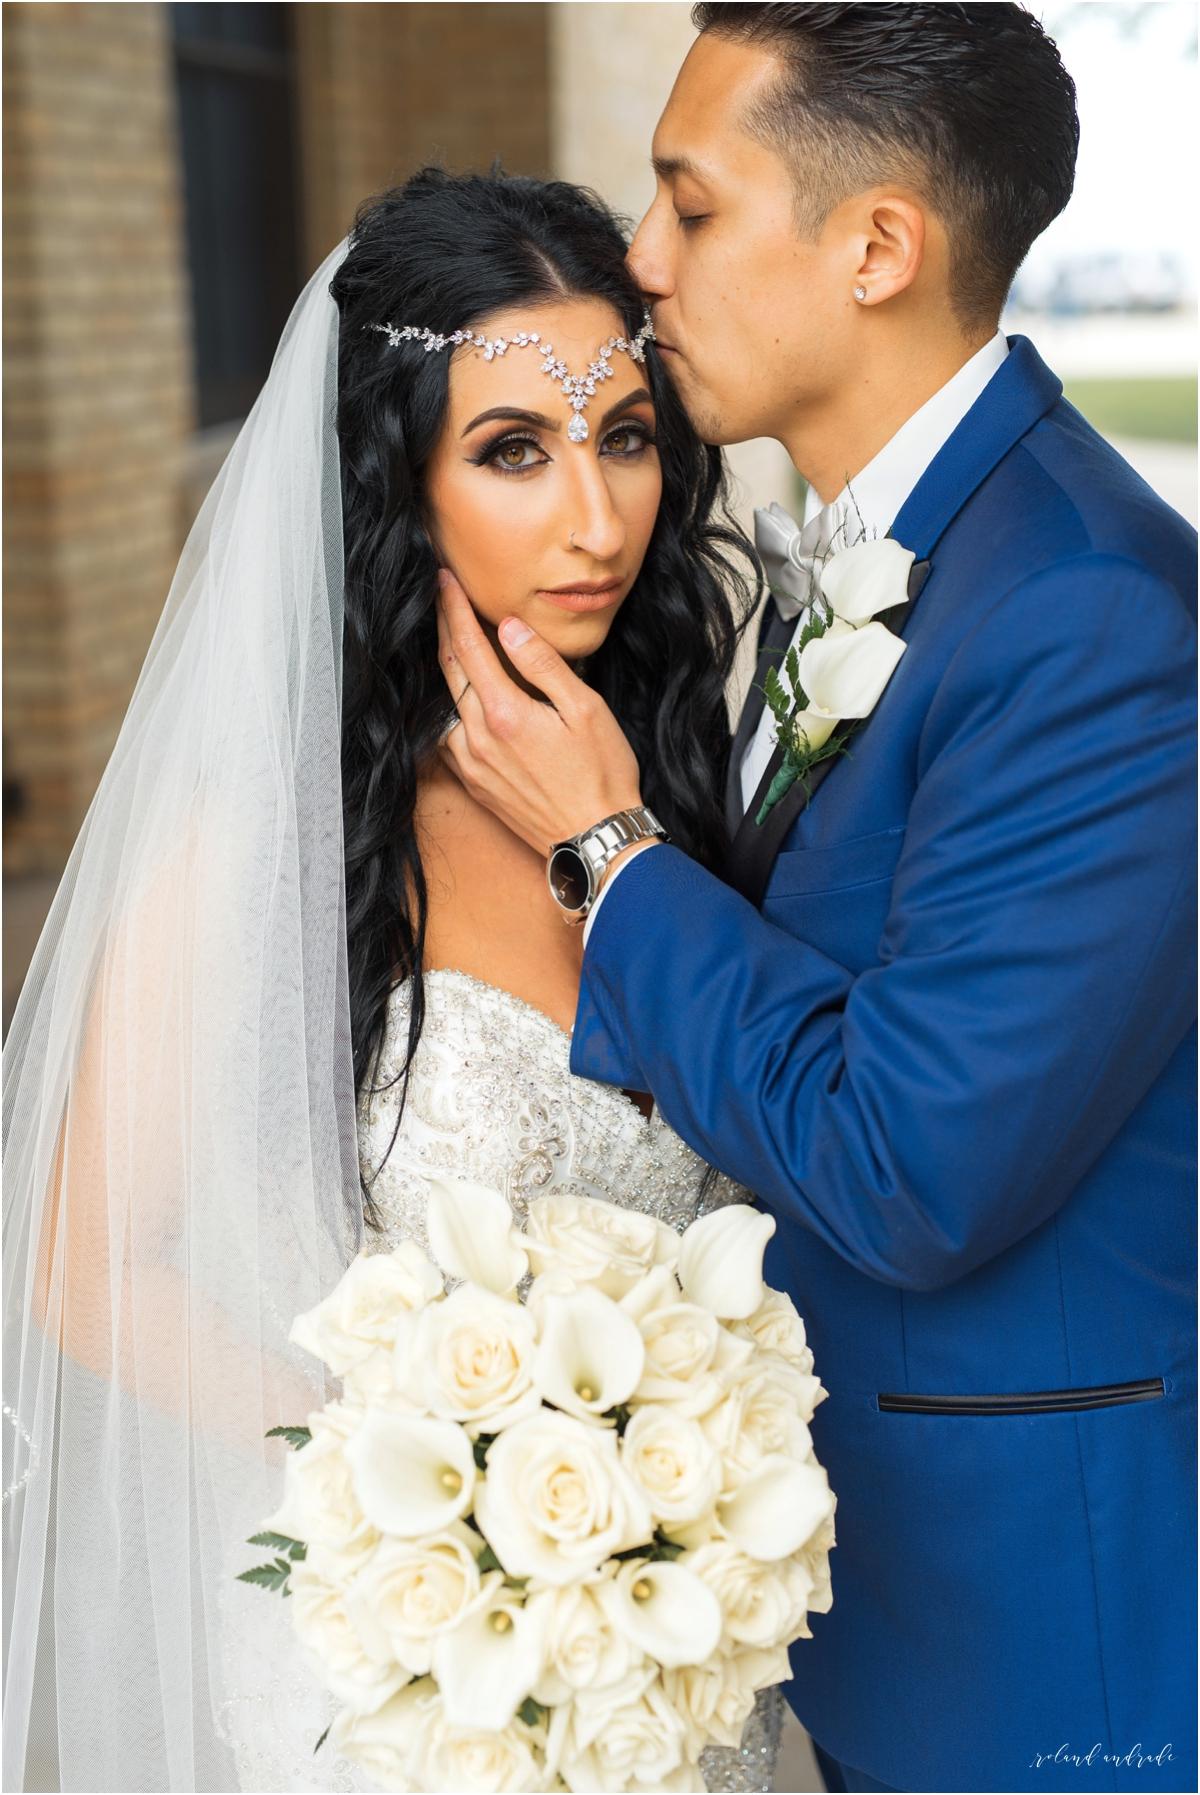 Italian American Society Wedding in Kenosha Wisconsin, Kenosha Wisconsin Wedding Photographer, Chicago Wedding Photography Kenosha Mexican Italian Wedding_0038.jpg